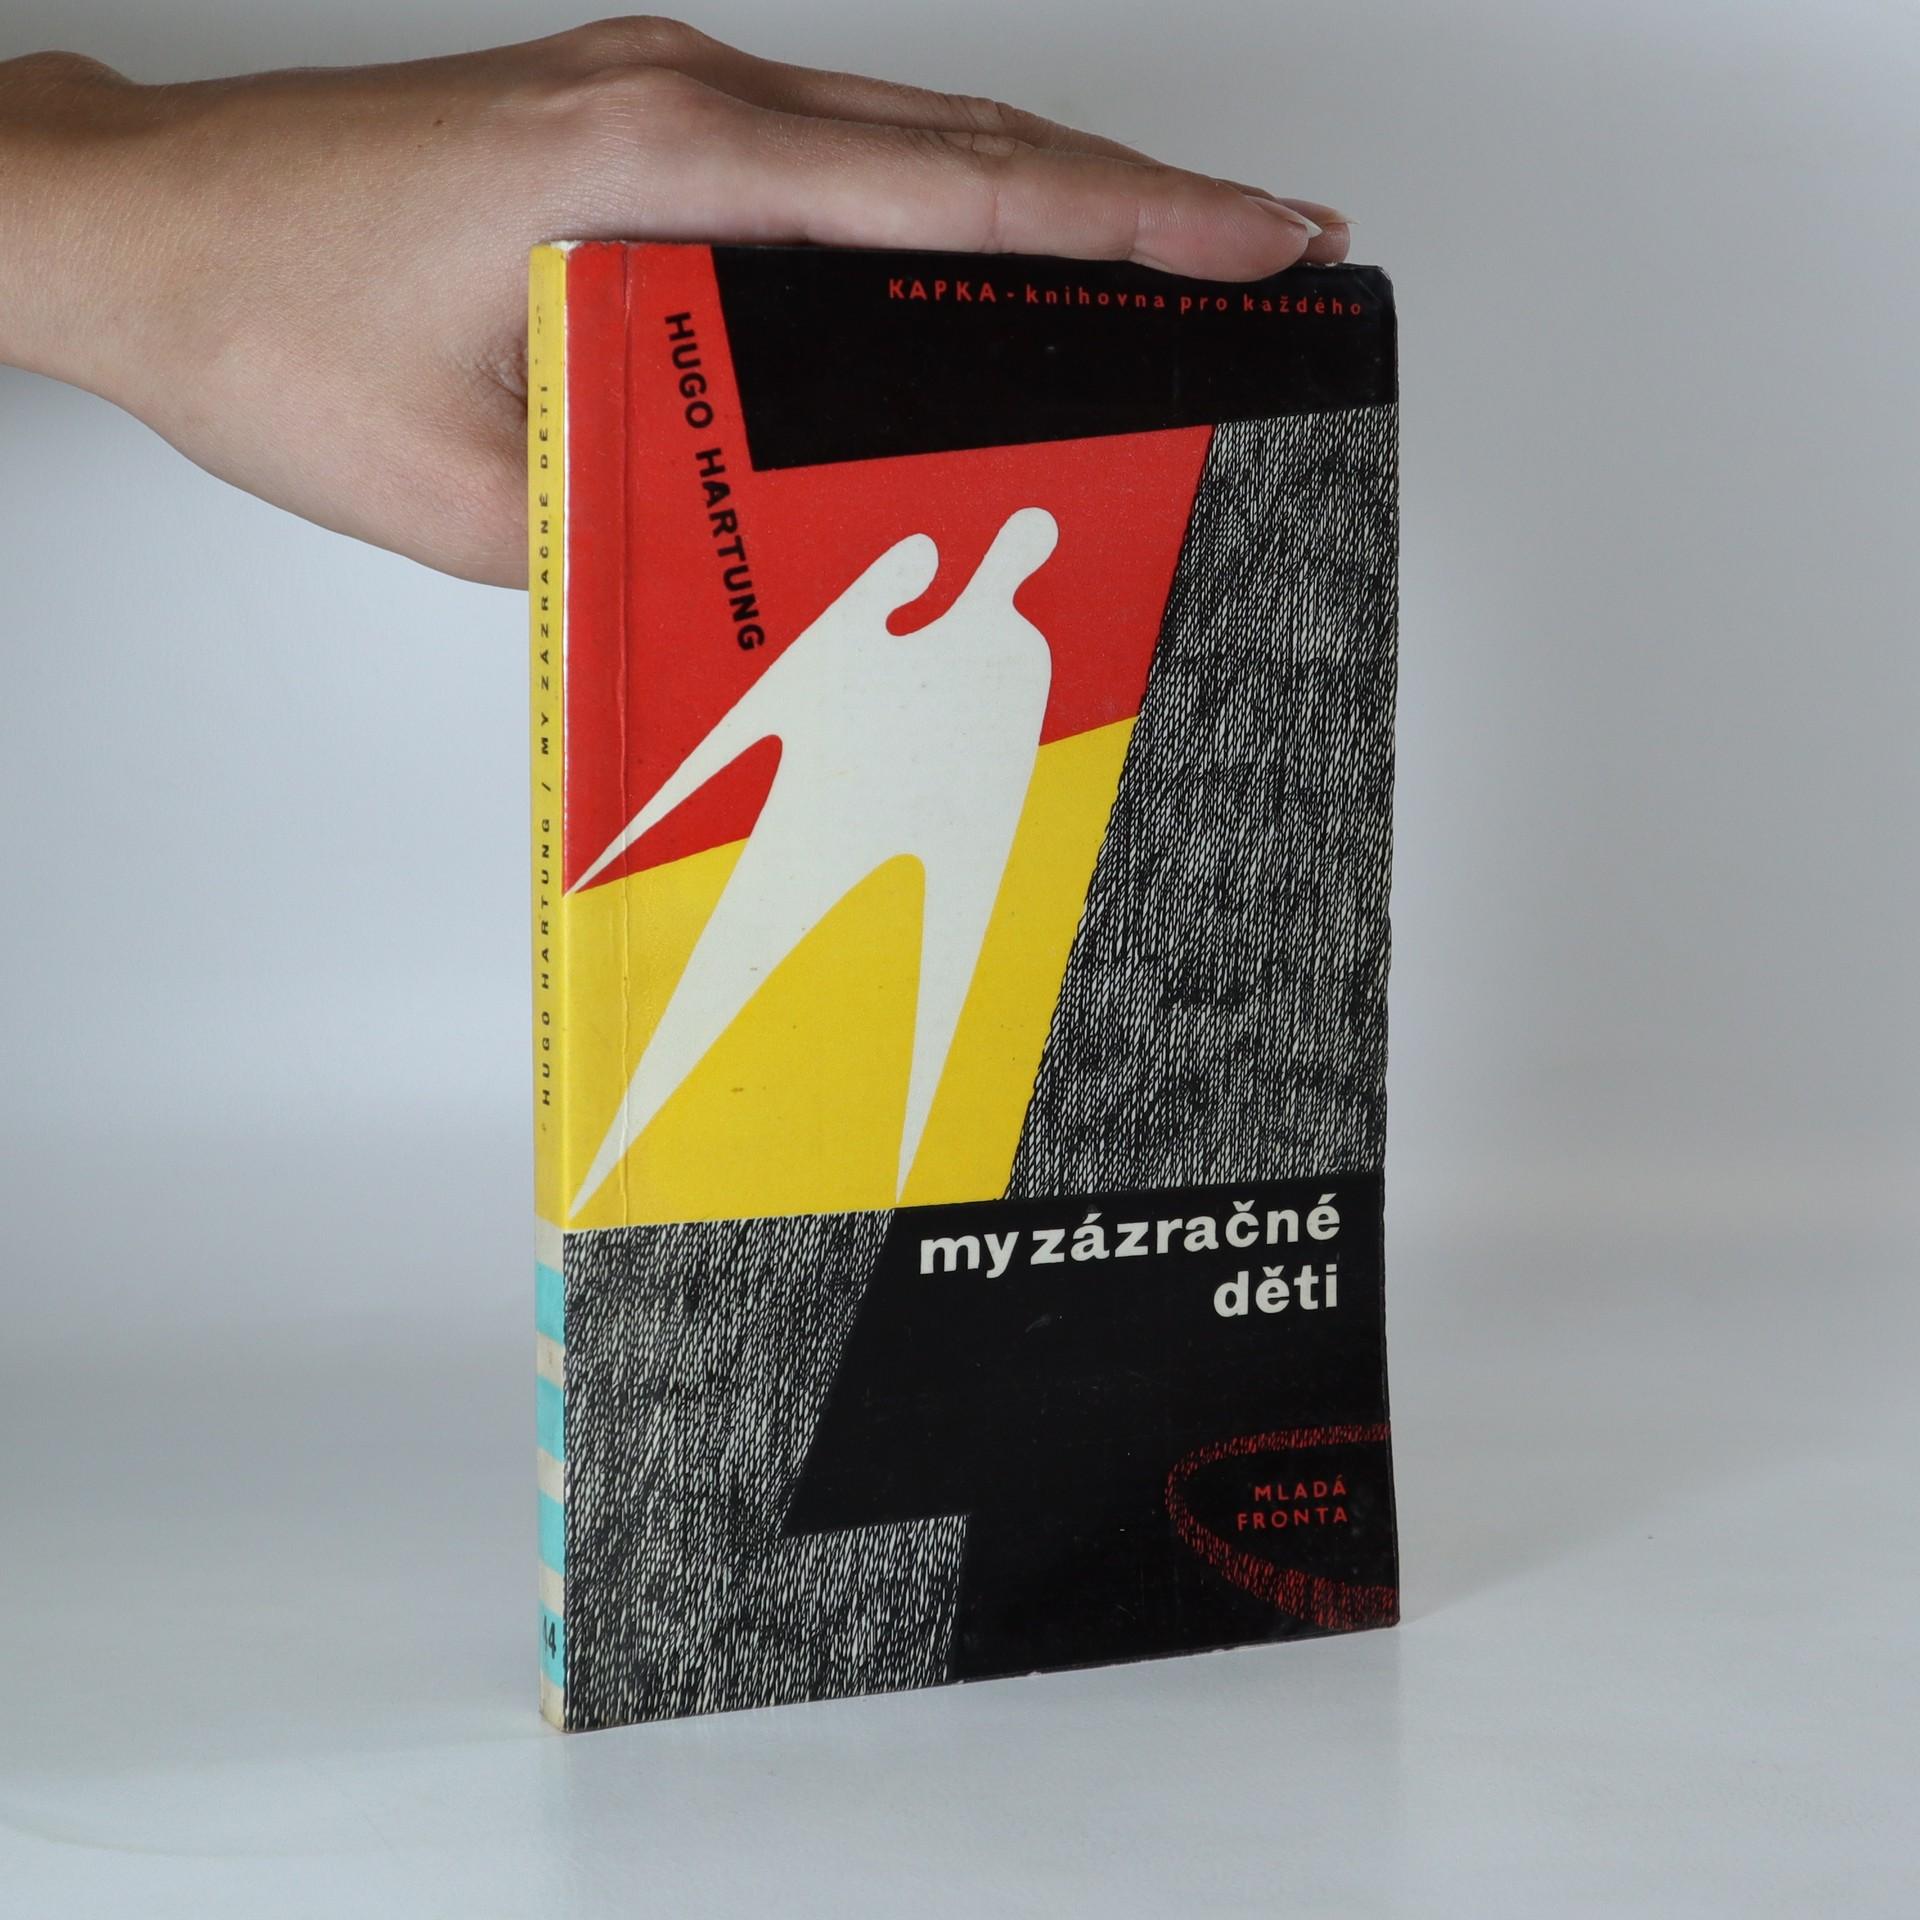 antikvární kniha My zázračné děti. Navzdory všem veselý román našeho života, 1961